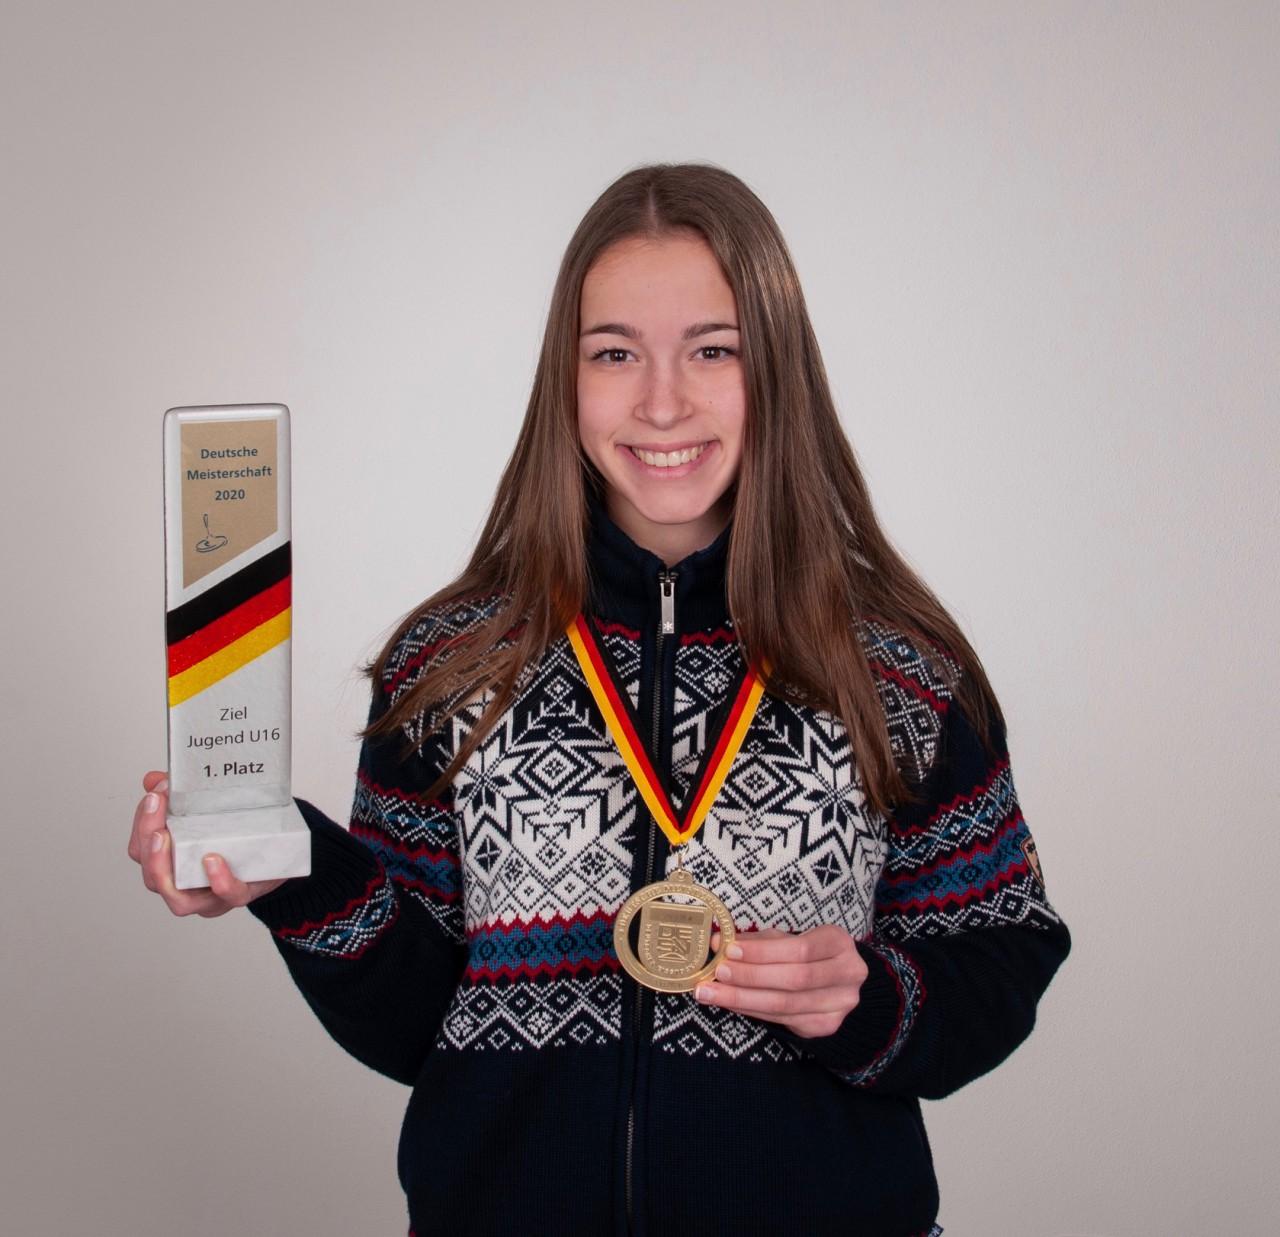 Stefanie ist Deutsche Meisterin im Eisstock-Zielschießen